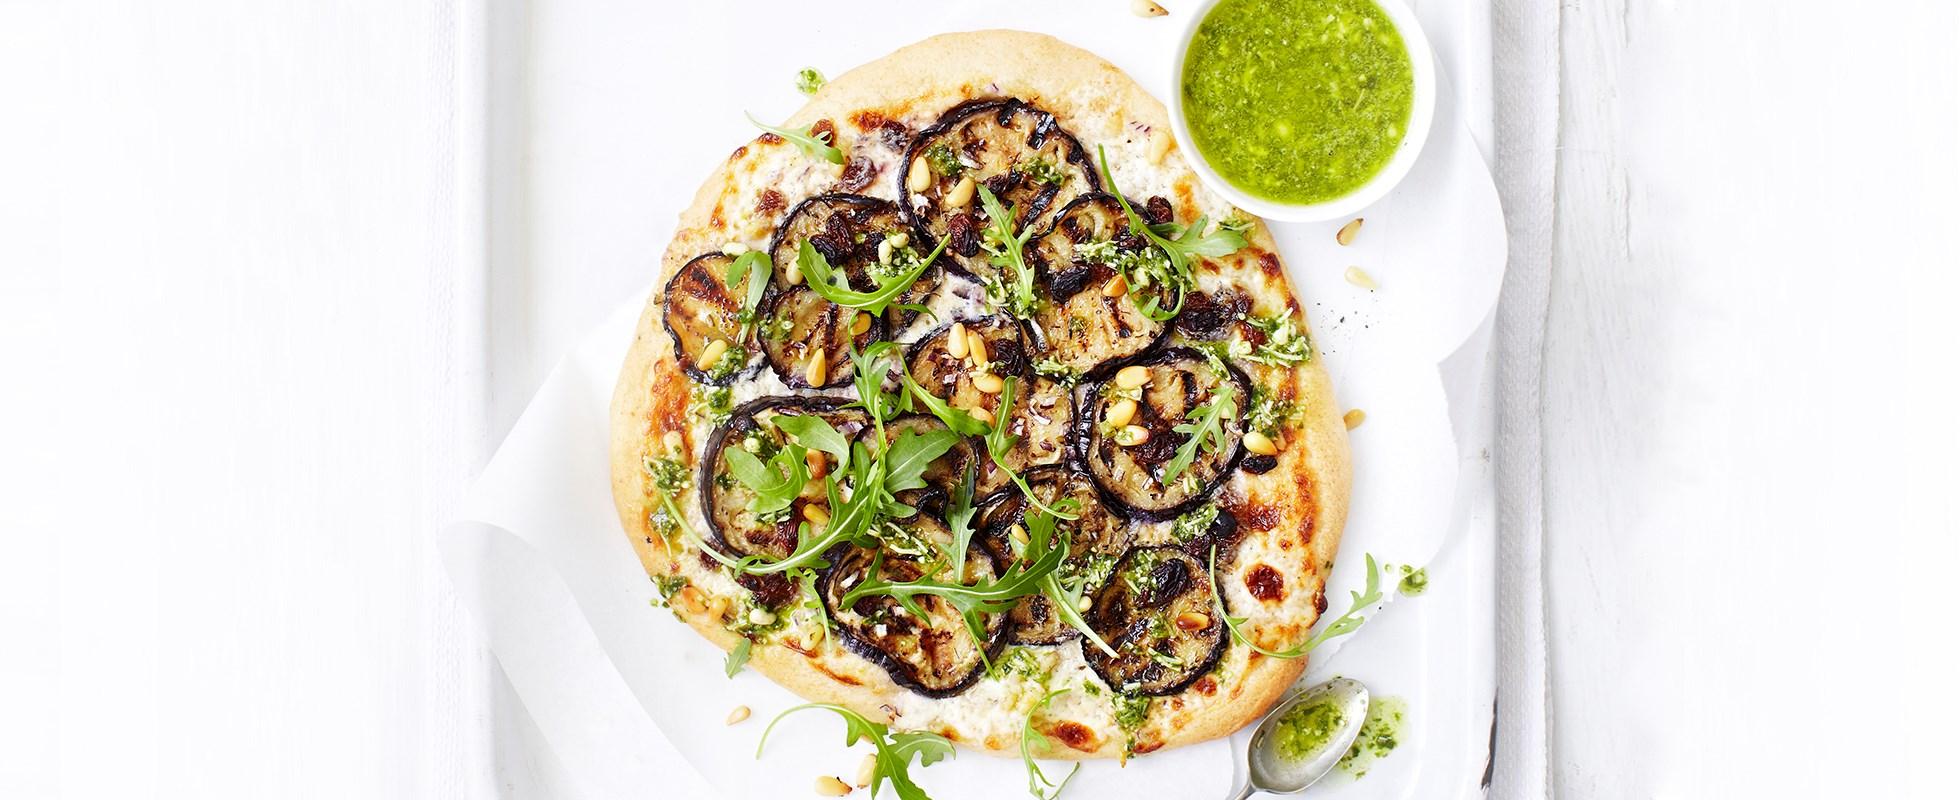 Sicilian aubergine pizzas